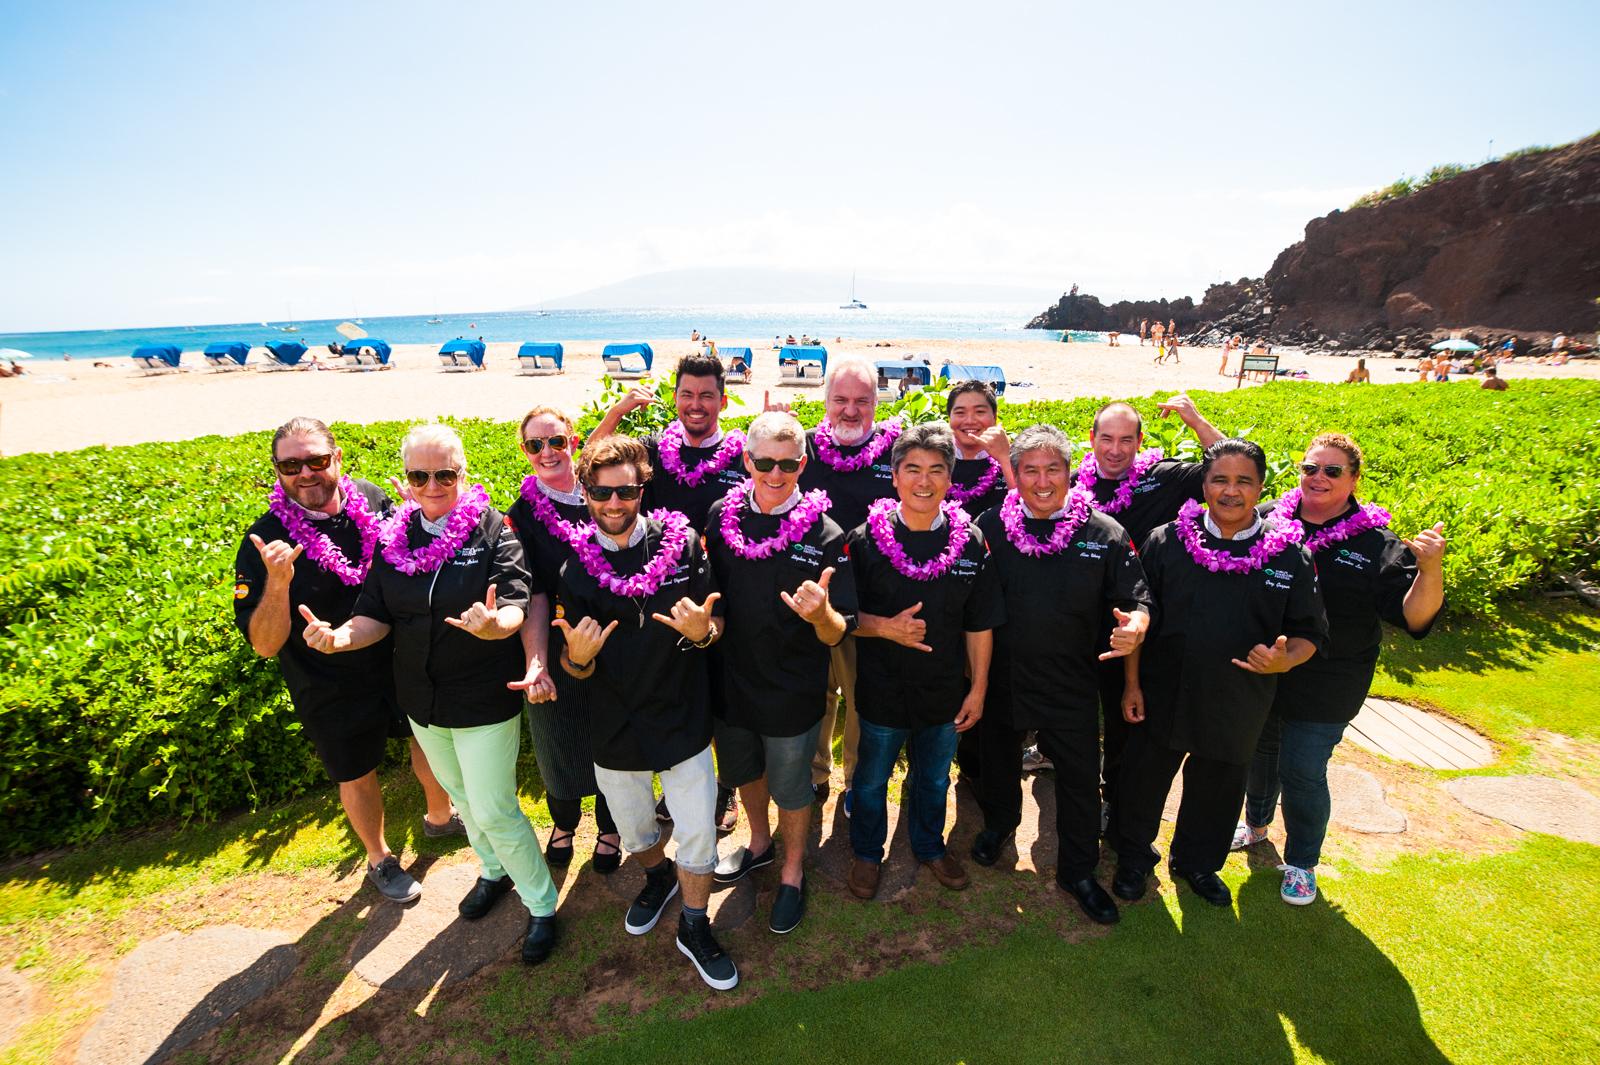 HFWF 2015.09.06 Maui Sheraton Event-2